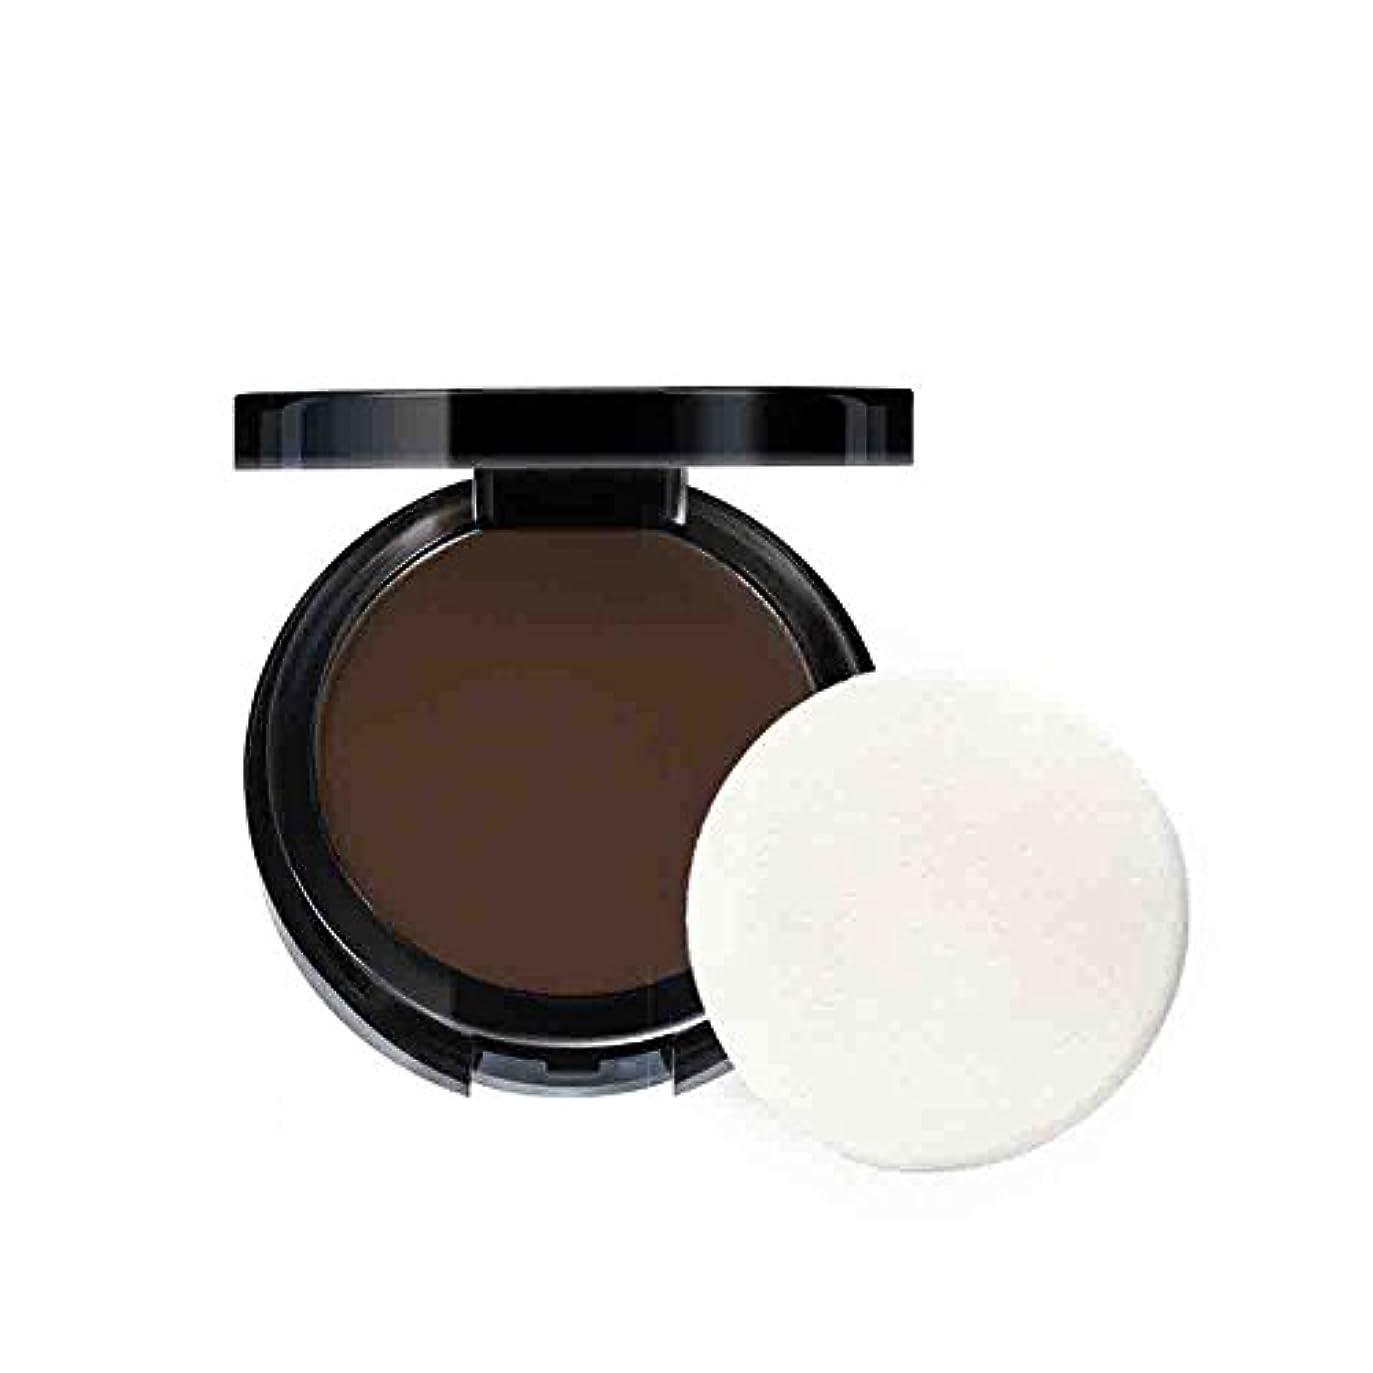 基礎理論ロック解除つかむ(3 Pack) ABSOLUTE HD Flawless Powder Foundation - Mocha (並行輸入品)